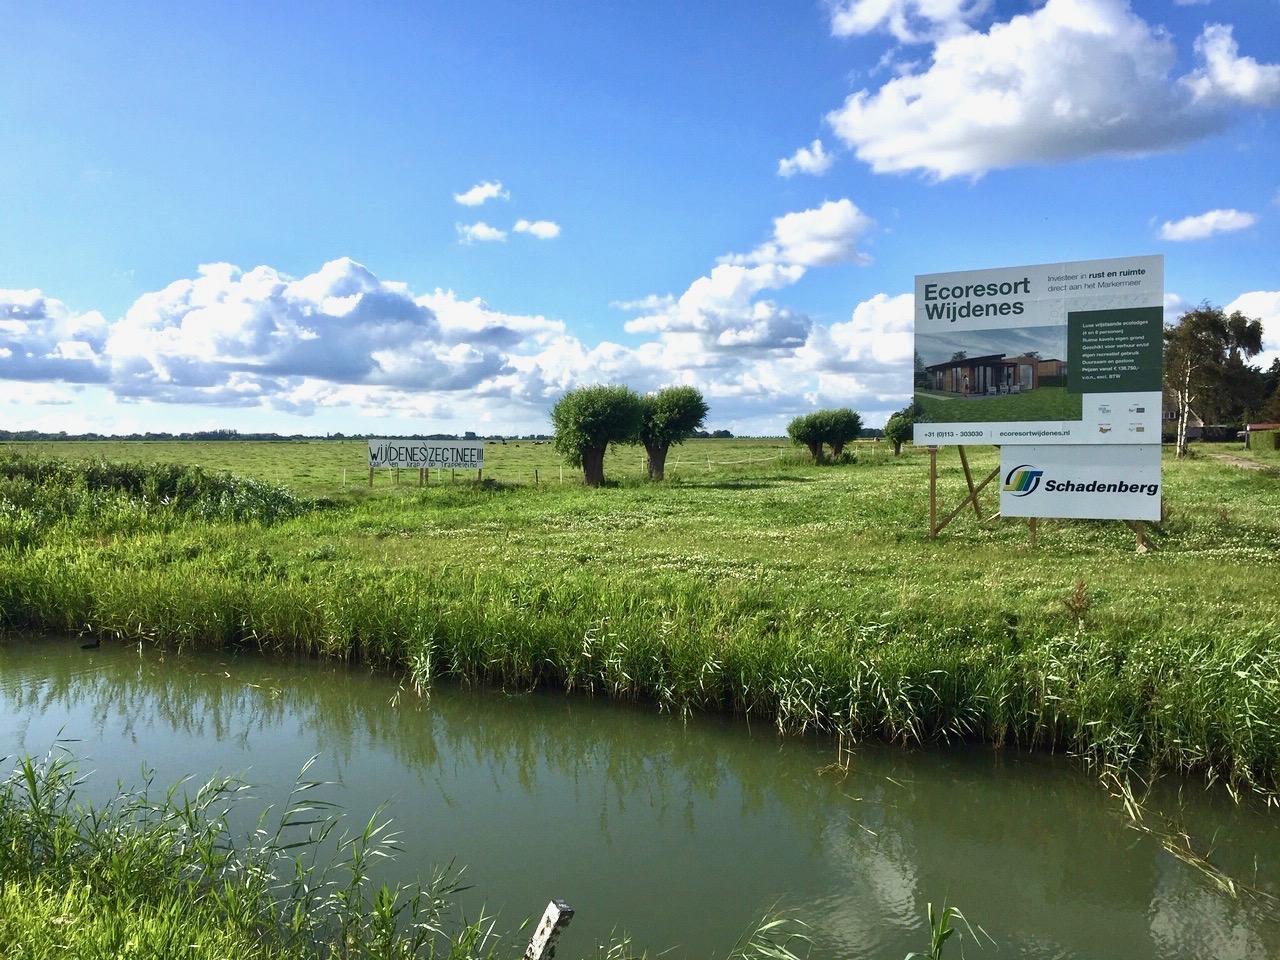 Vakantiepark Roompot in Wijdenes gaat in april 2021 open. Belofte: geen arbeidsmigranten